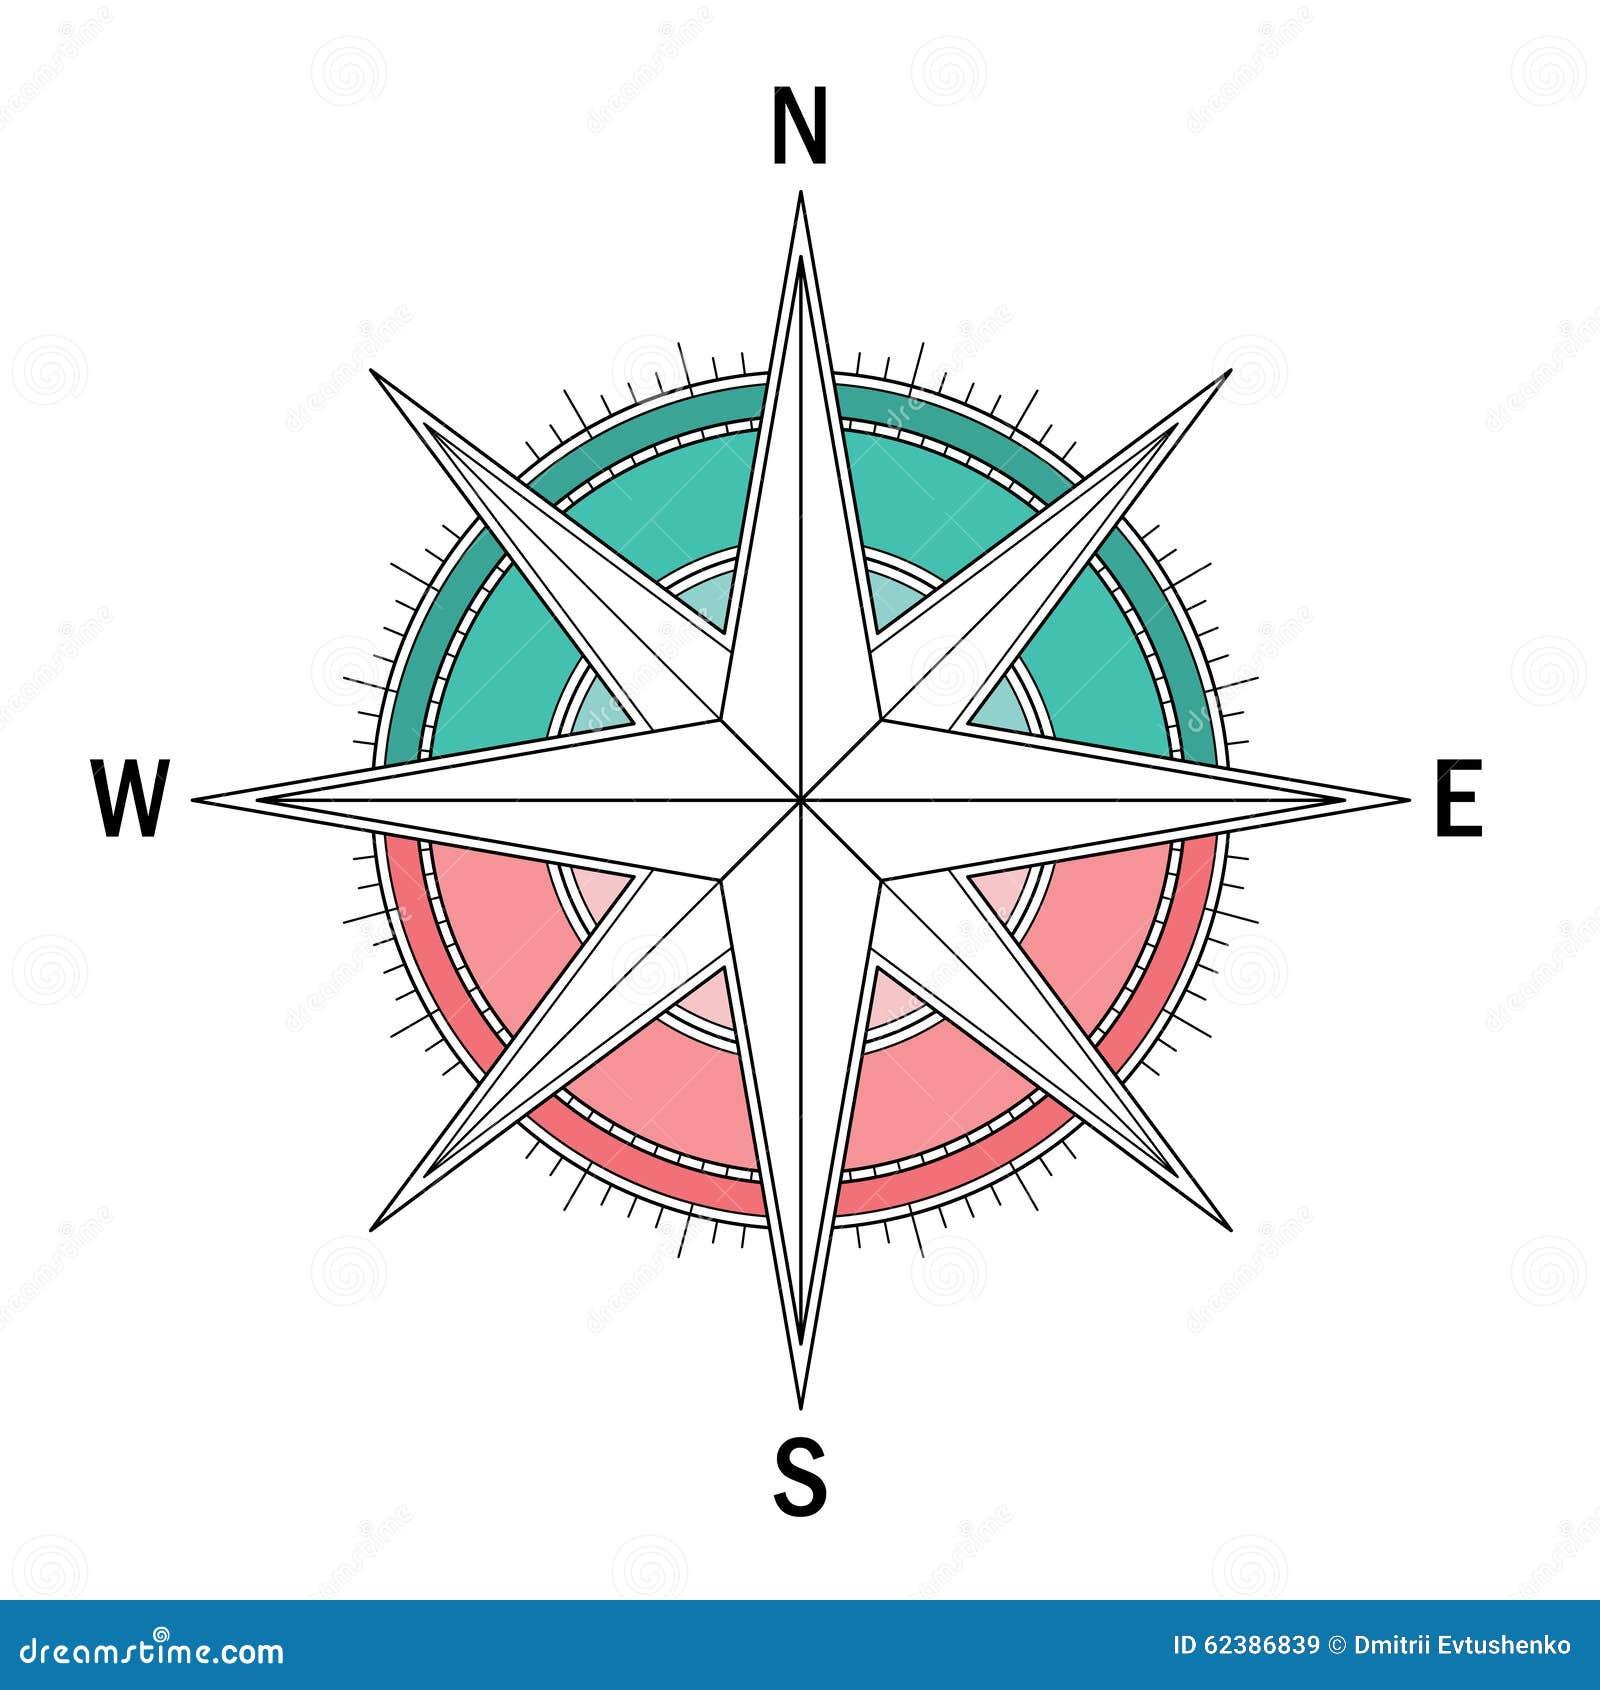 导航标记风向玫瑰图的变异映象集.